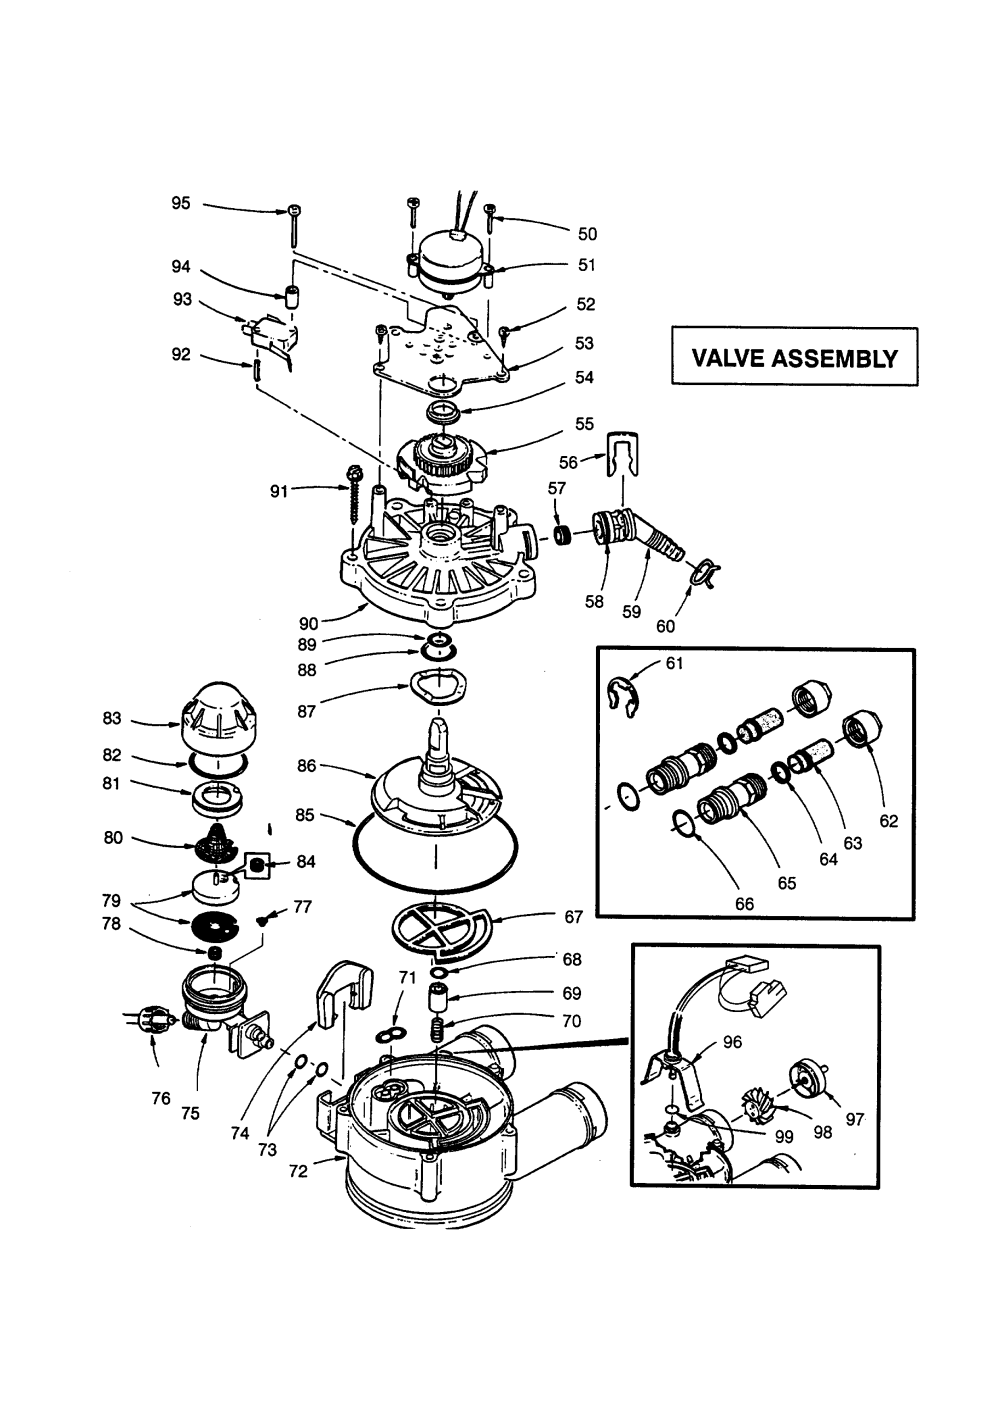 medium resolution of kenmore 625348591 valve assembly diagram